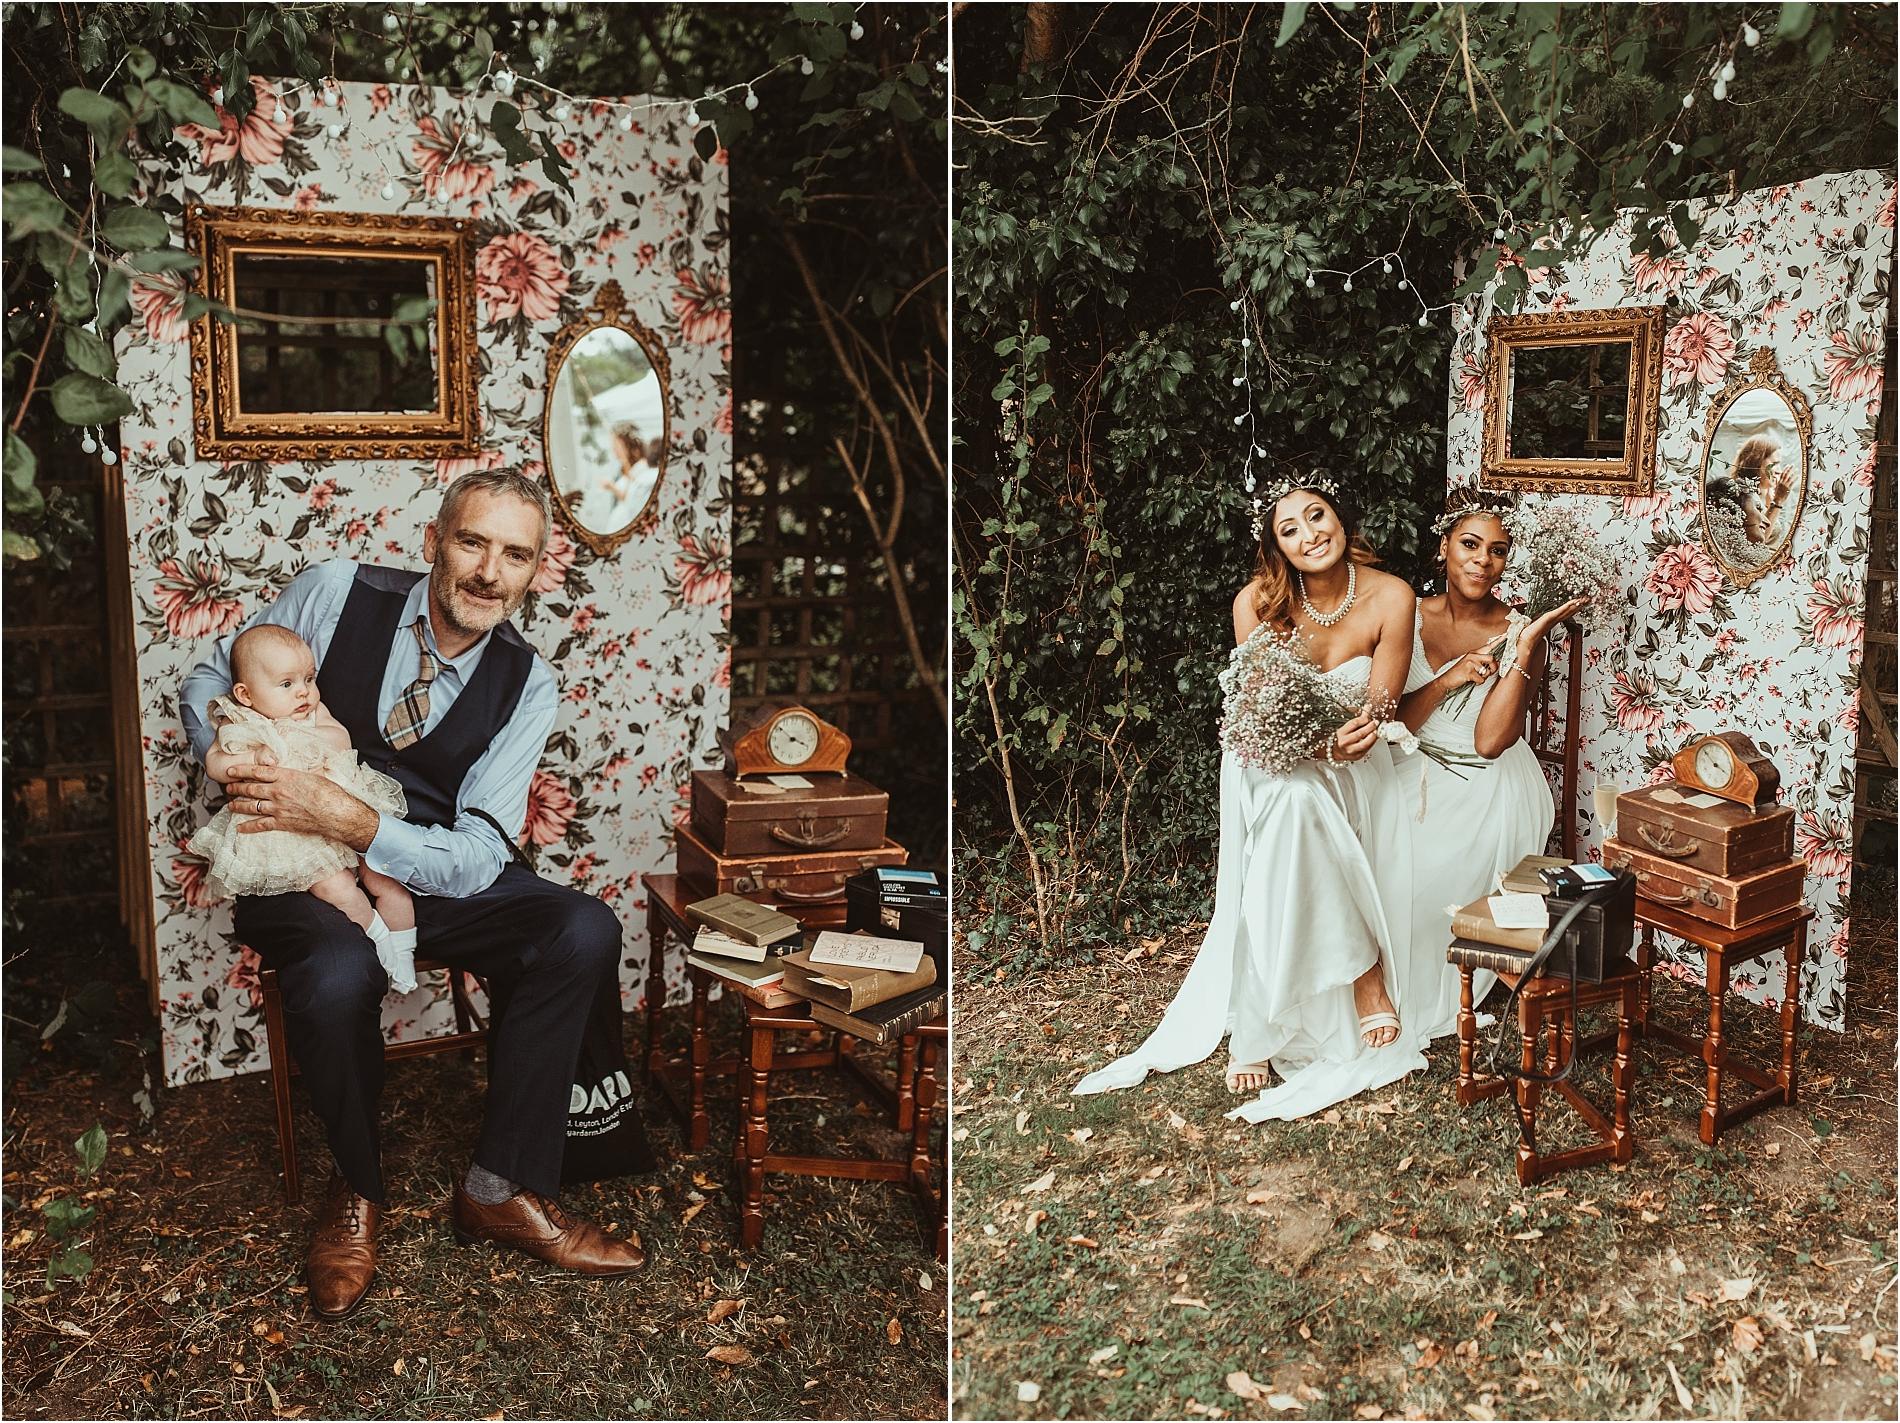 burystedmunds_wedding_garden_party979_online